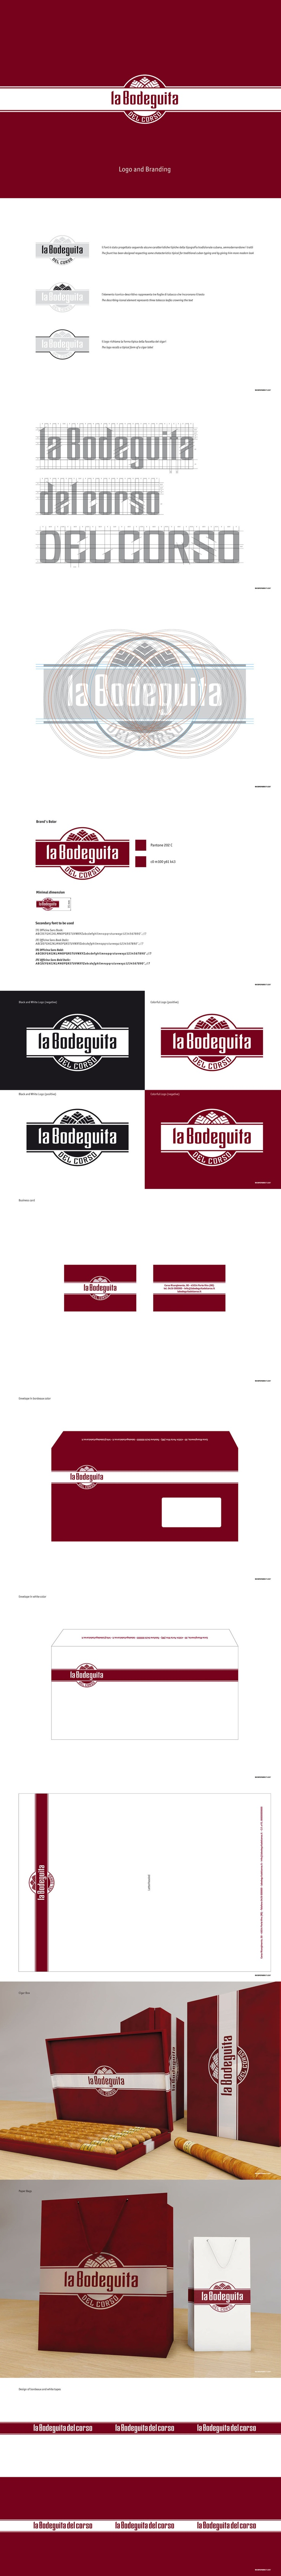 Logo Design and Corporate Identity for La Bodeguita del Corso - © Concreate Studio®